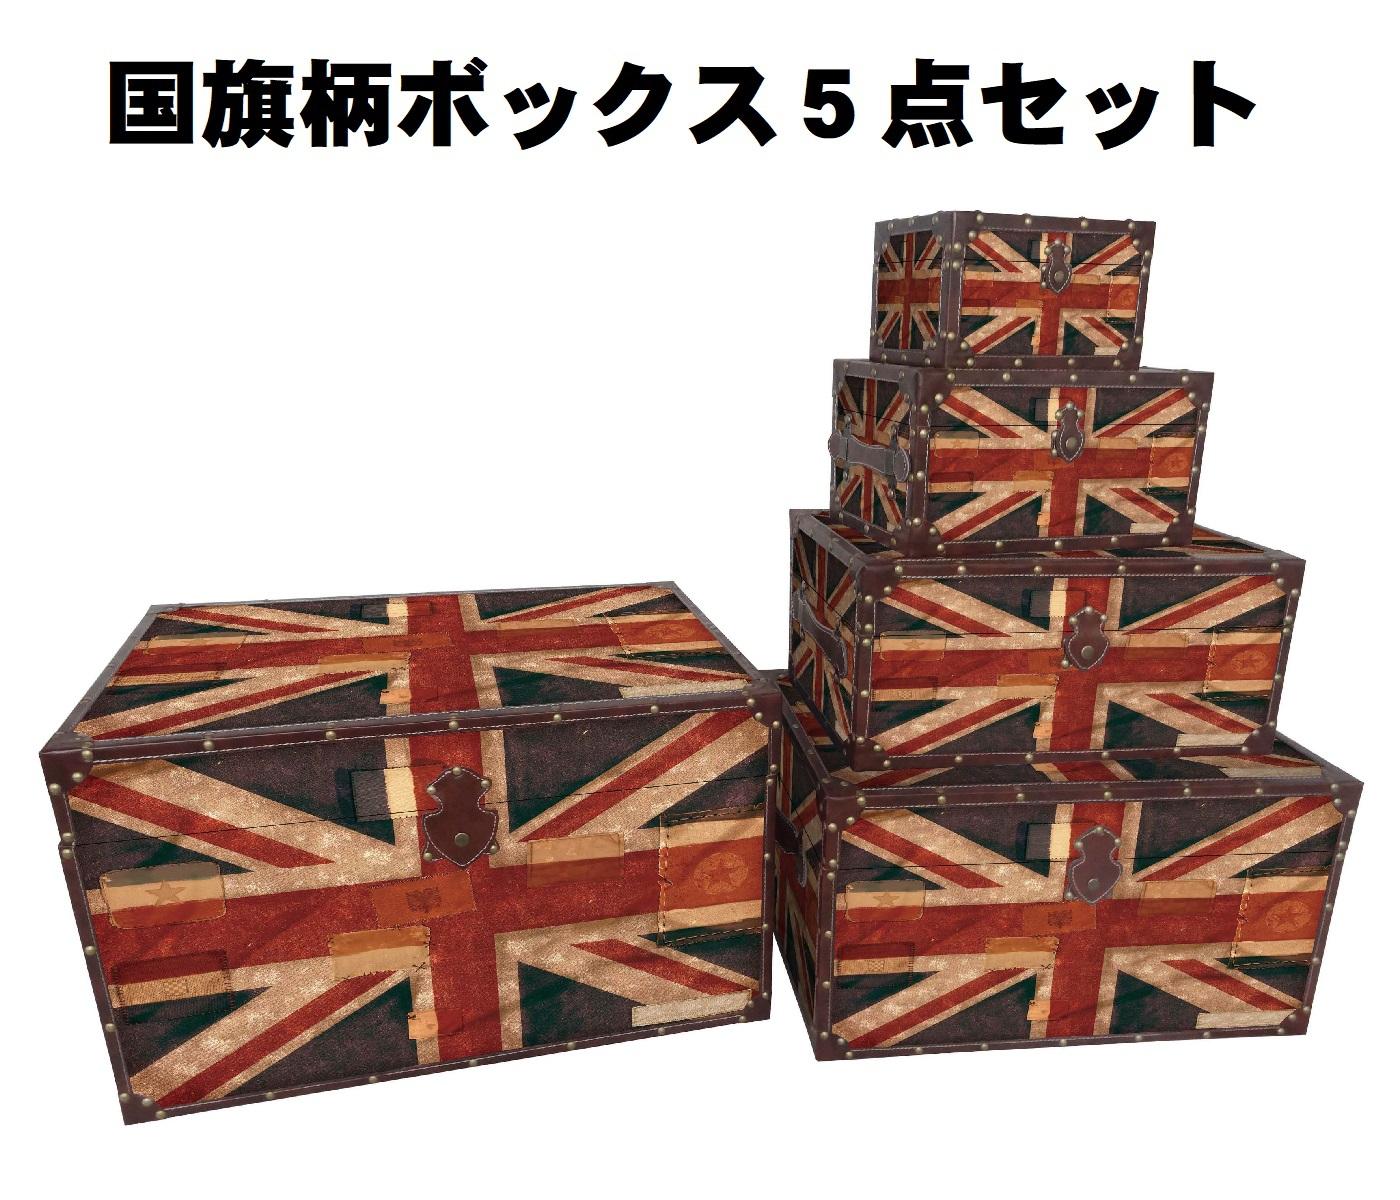 【送料無料】イギリスBOX 宝箱 5点セット レトロ バッグ インテリア アンティーク家具 完成品 小物 書斎 イギリス 国旗 合成皮革 アンティーク PVC 収納 大容量 開き戸 引き出し 家具 通販